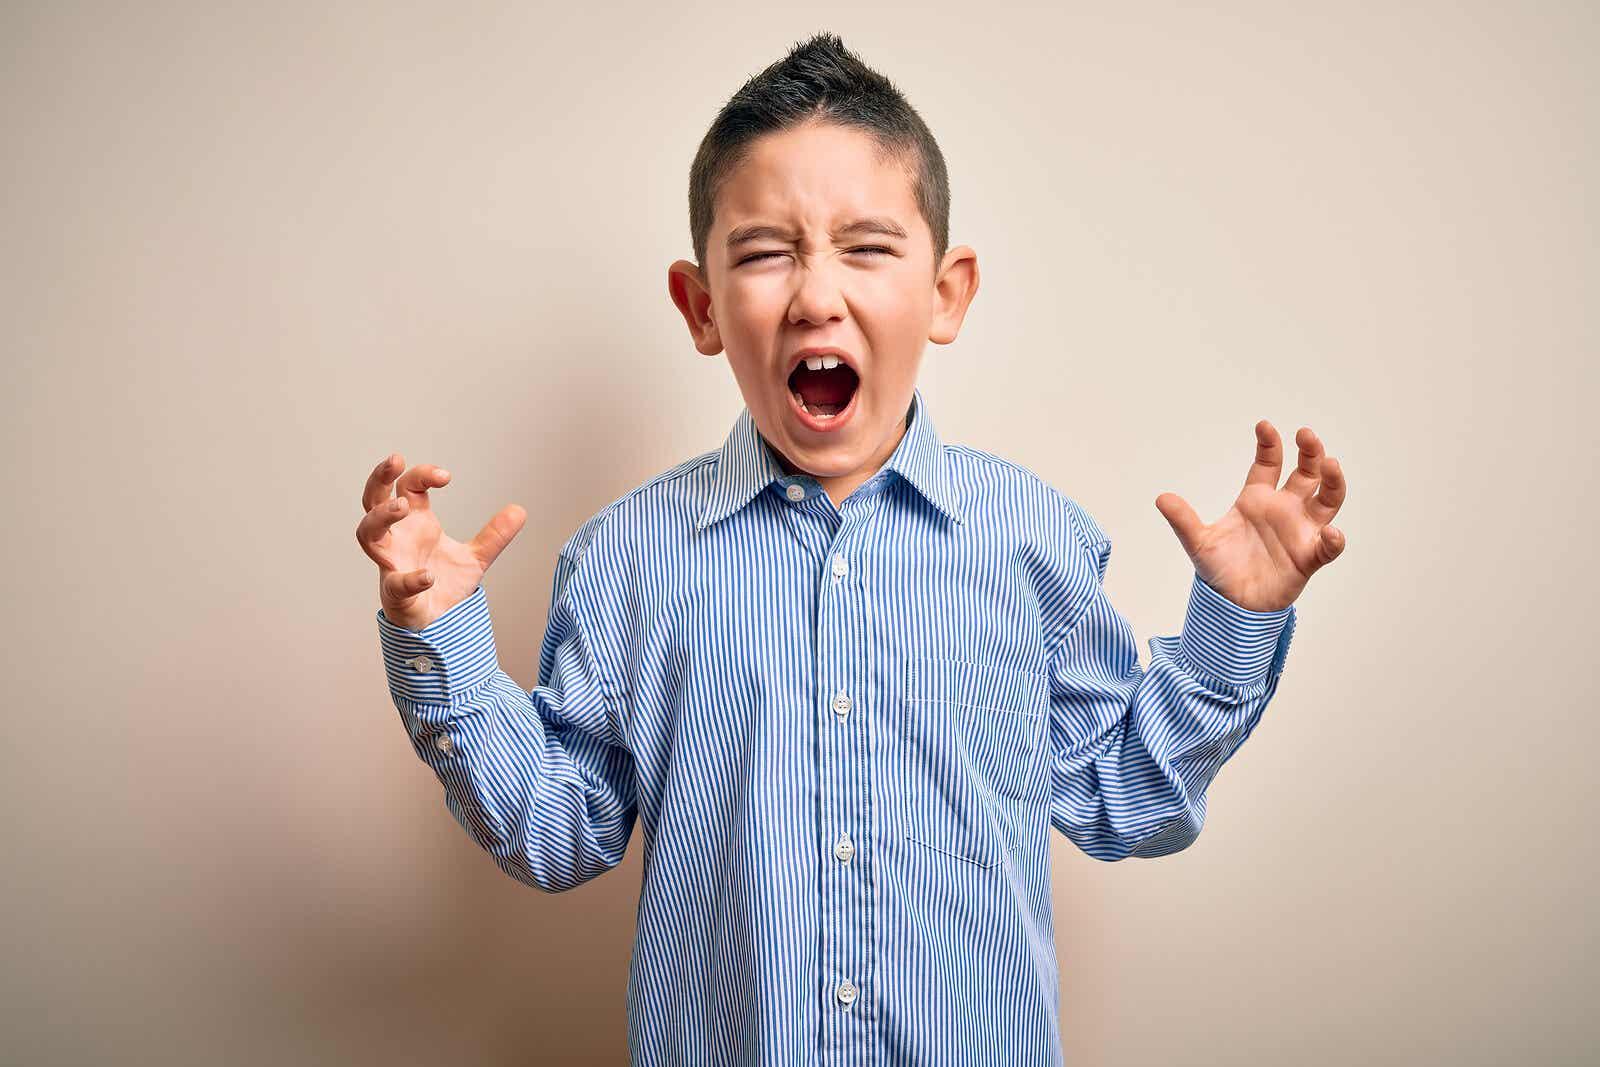 Et barn, der føler sig ude af kontrol